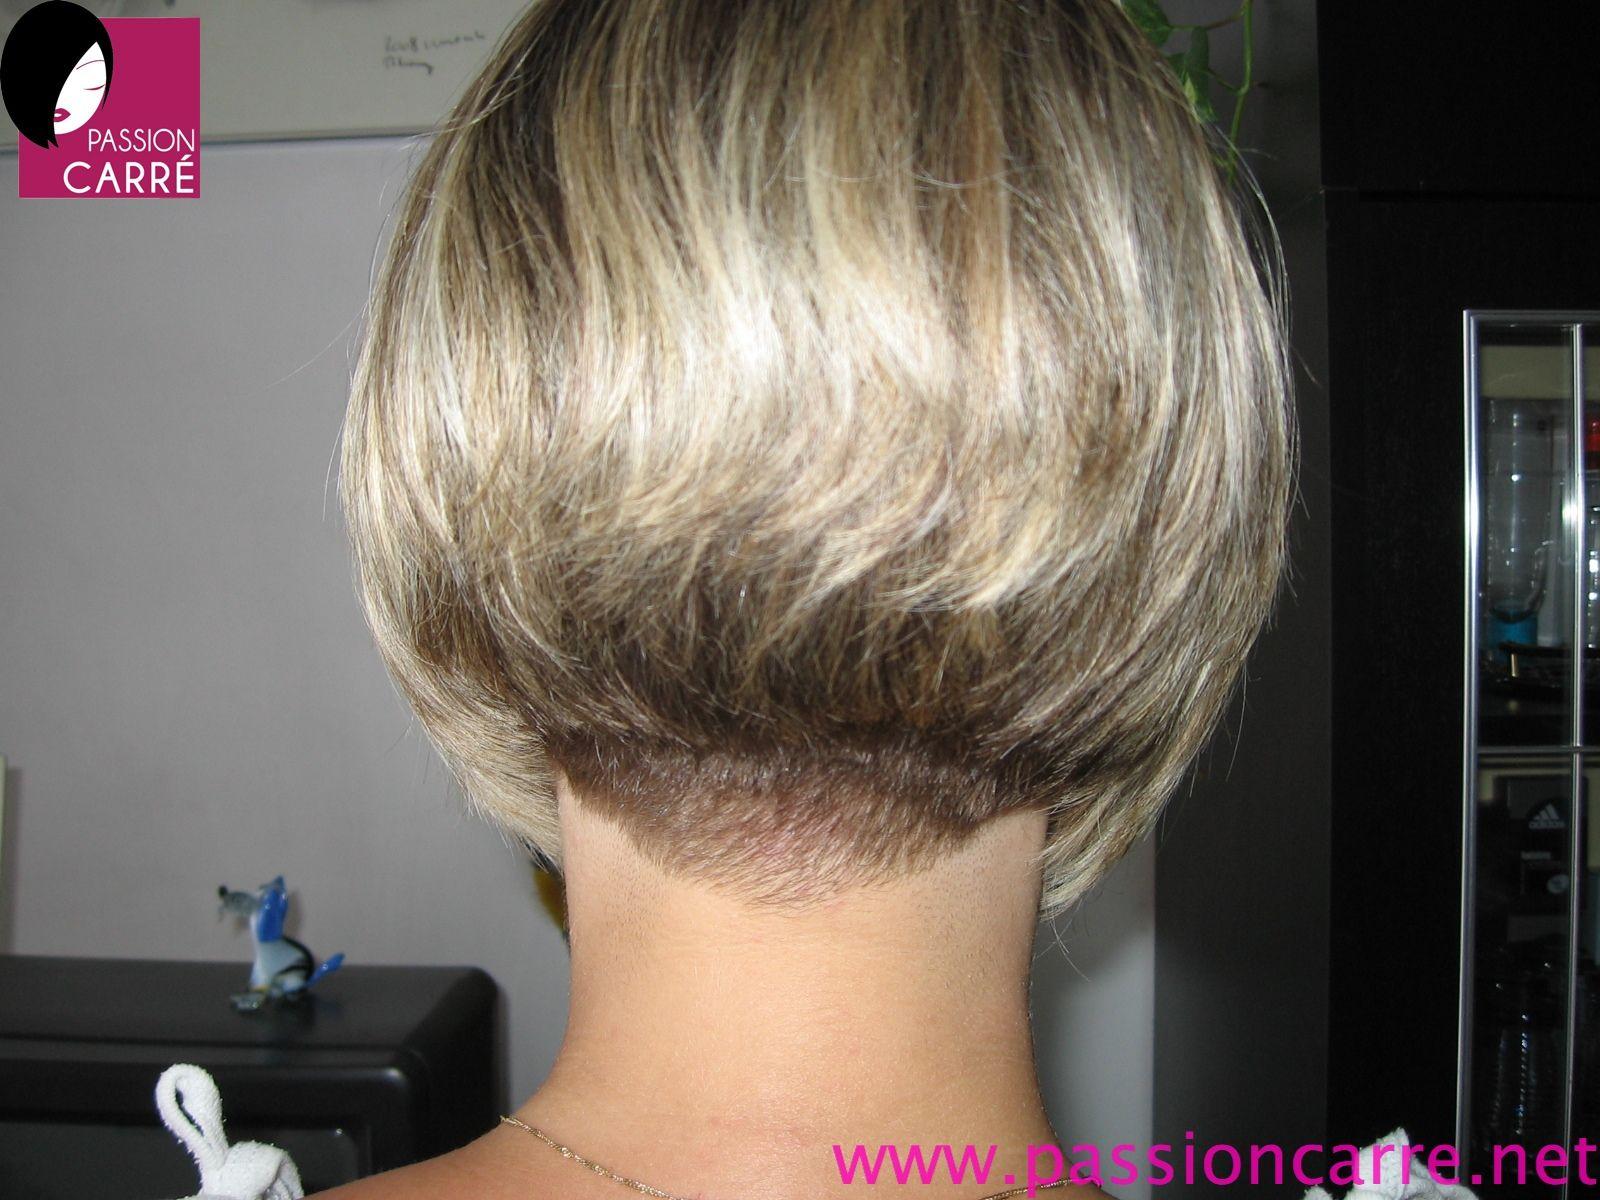 nouvelles photos du carr plongeant blond de tymus coiffure pinterest. Black Bedroom Furniture Sets. Home Design Ideas